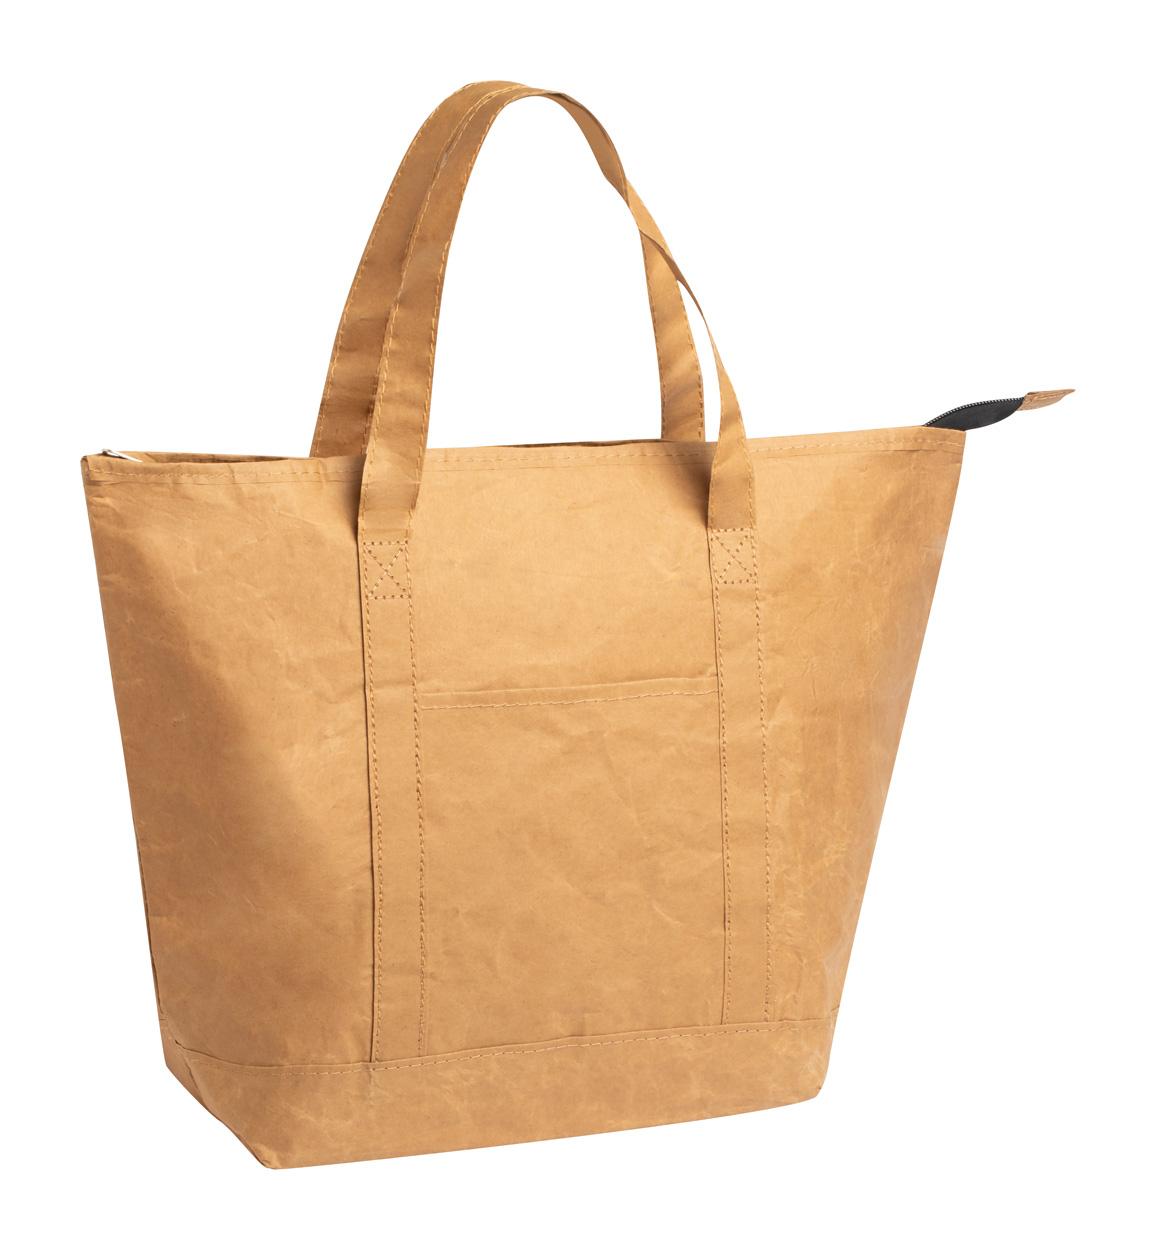 Saban cooler bag